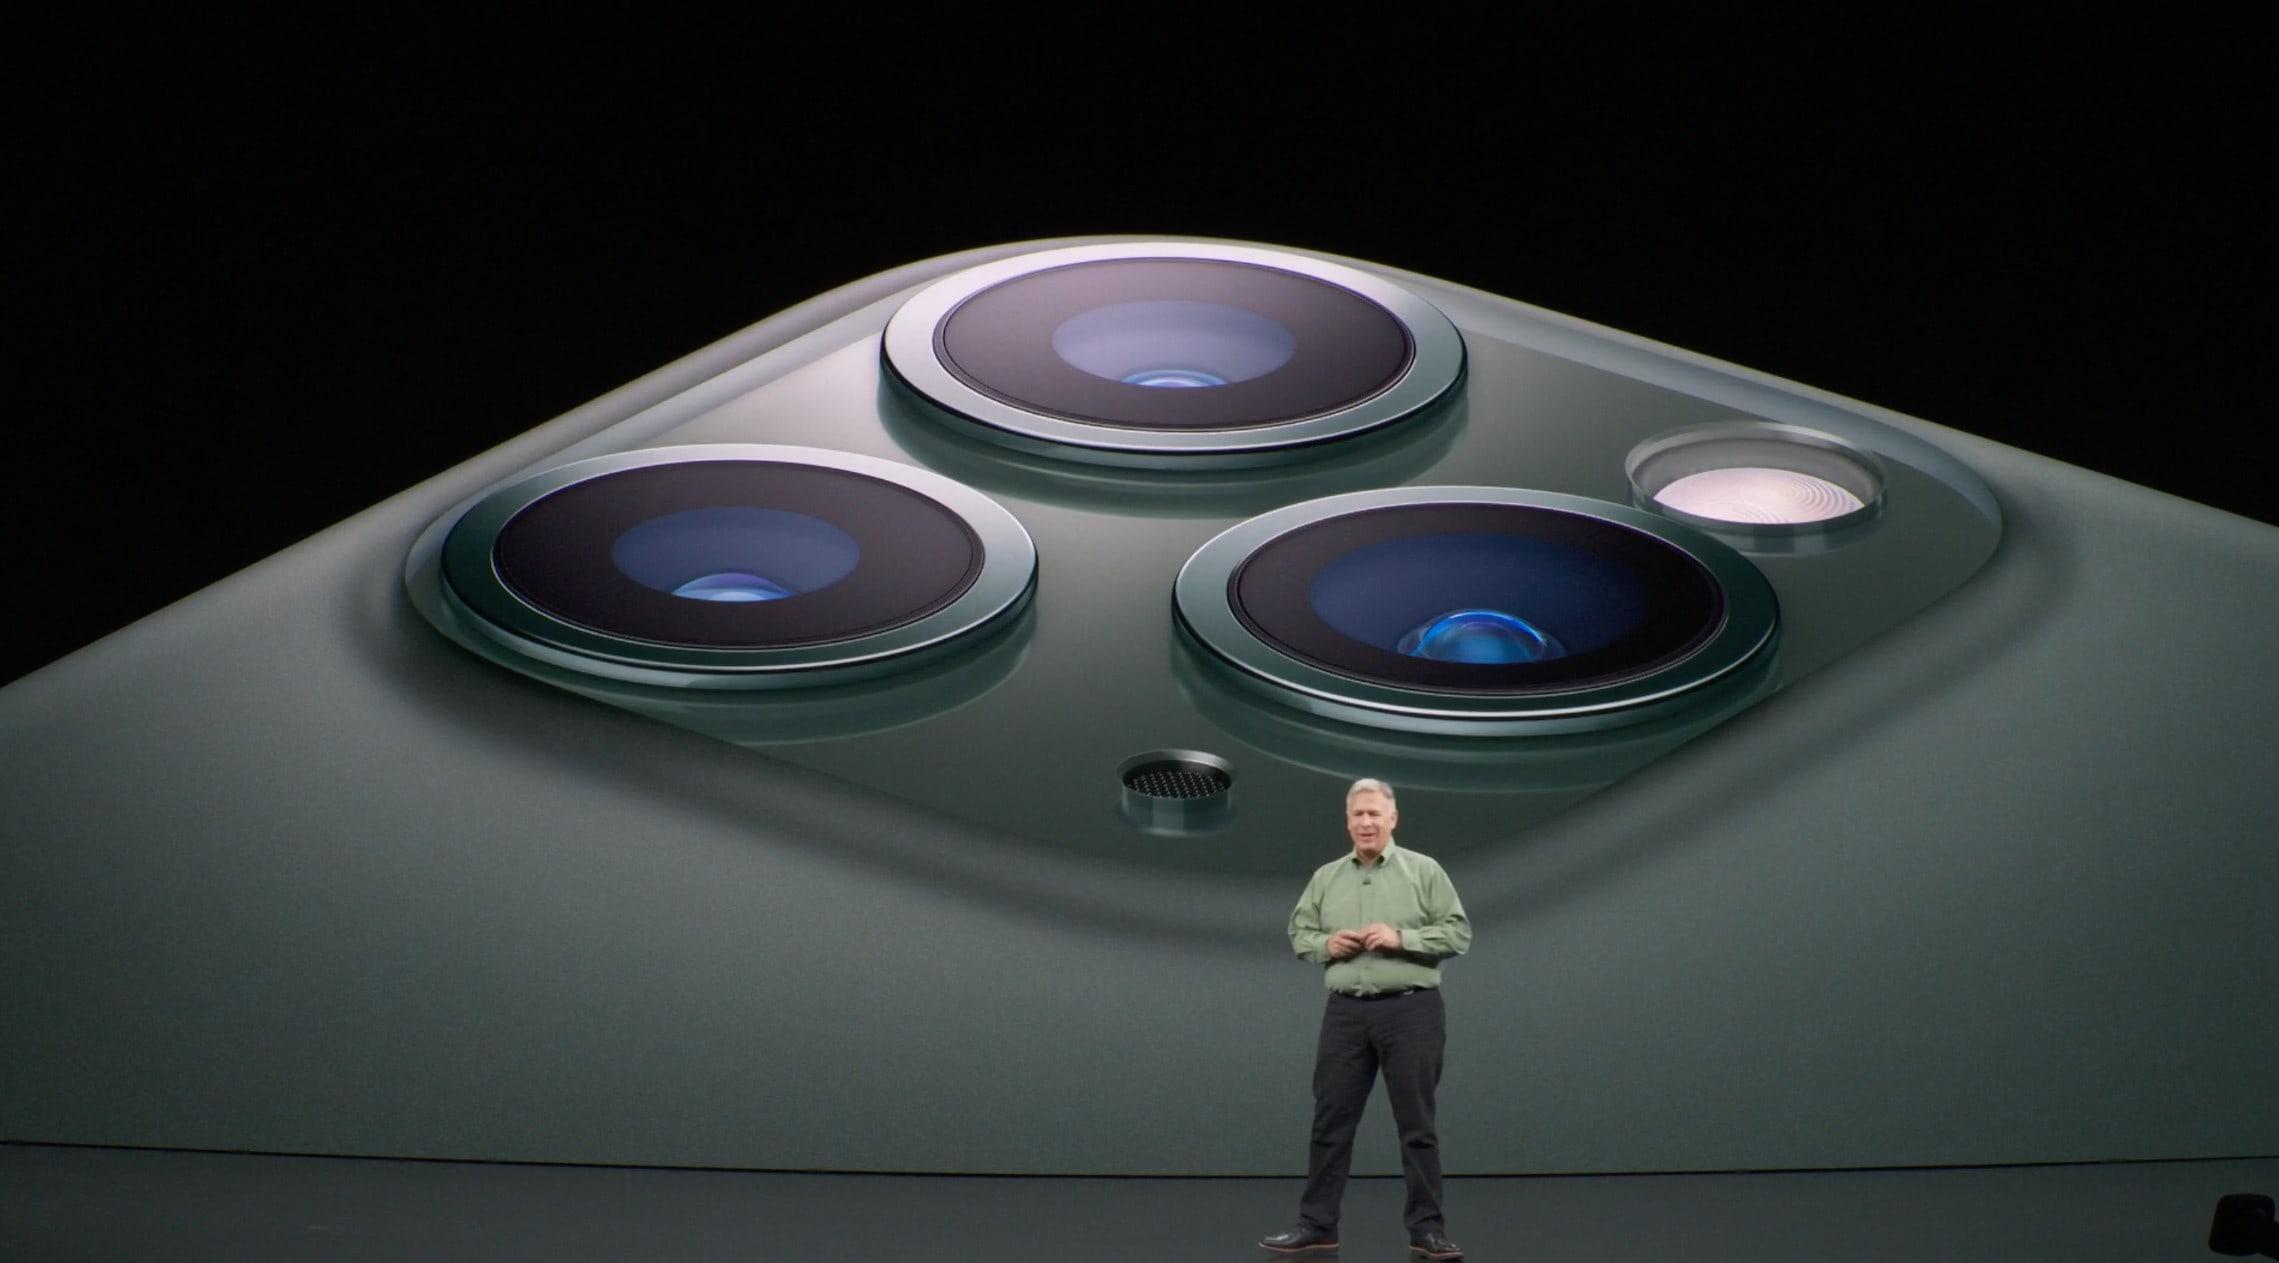 Tất cả ống kính trên thế hệ iPhone 11 đều dùng cảm biến hình ảnh Sony